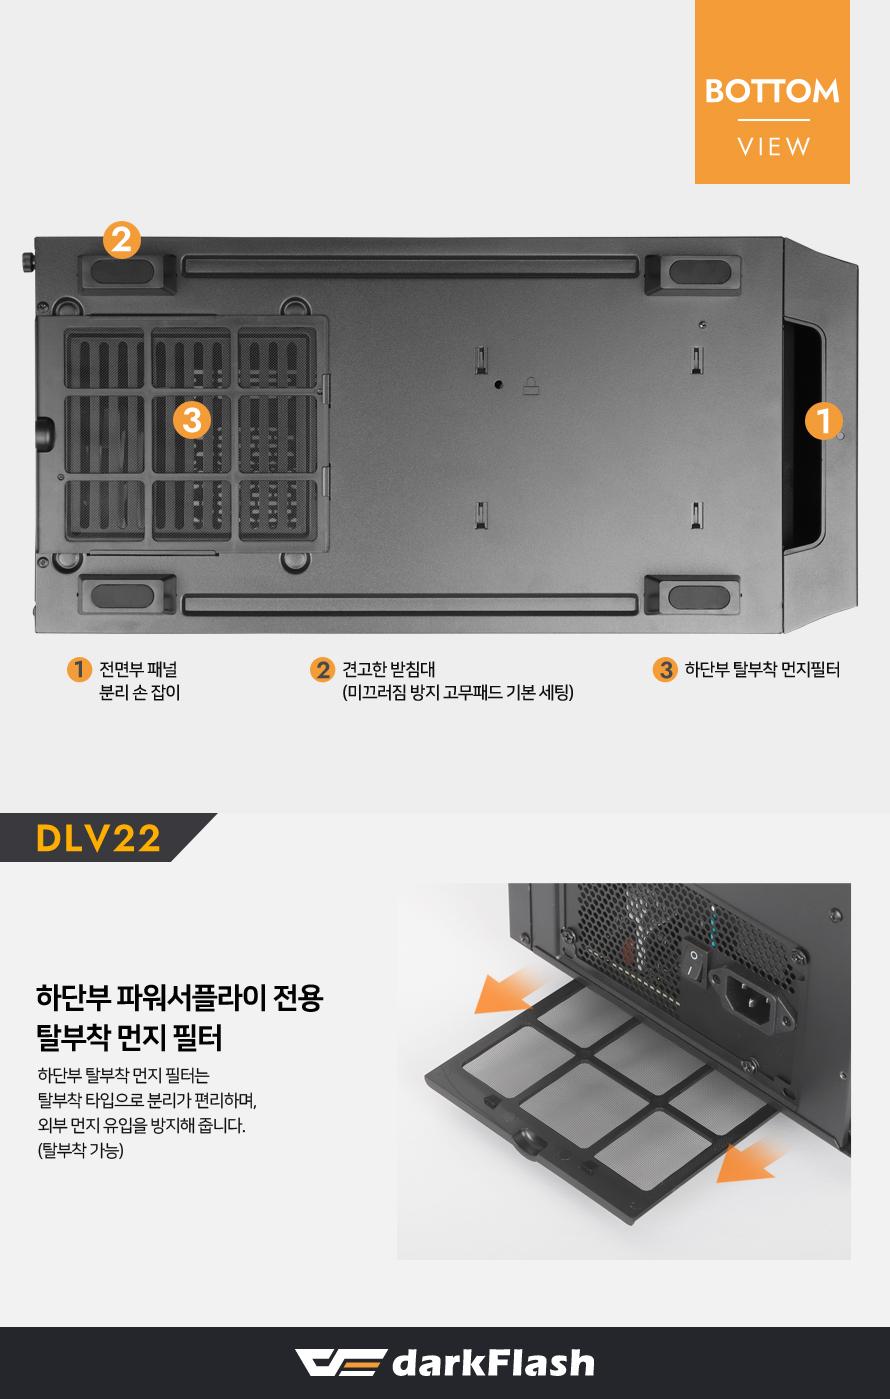 darkFlash DLV22 RGB 강화유리 (블랙)